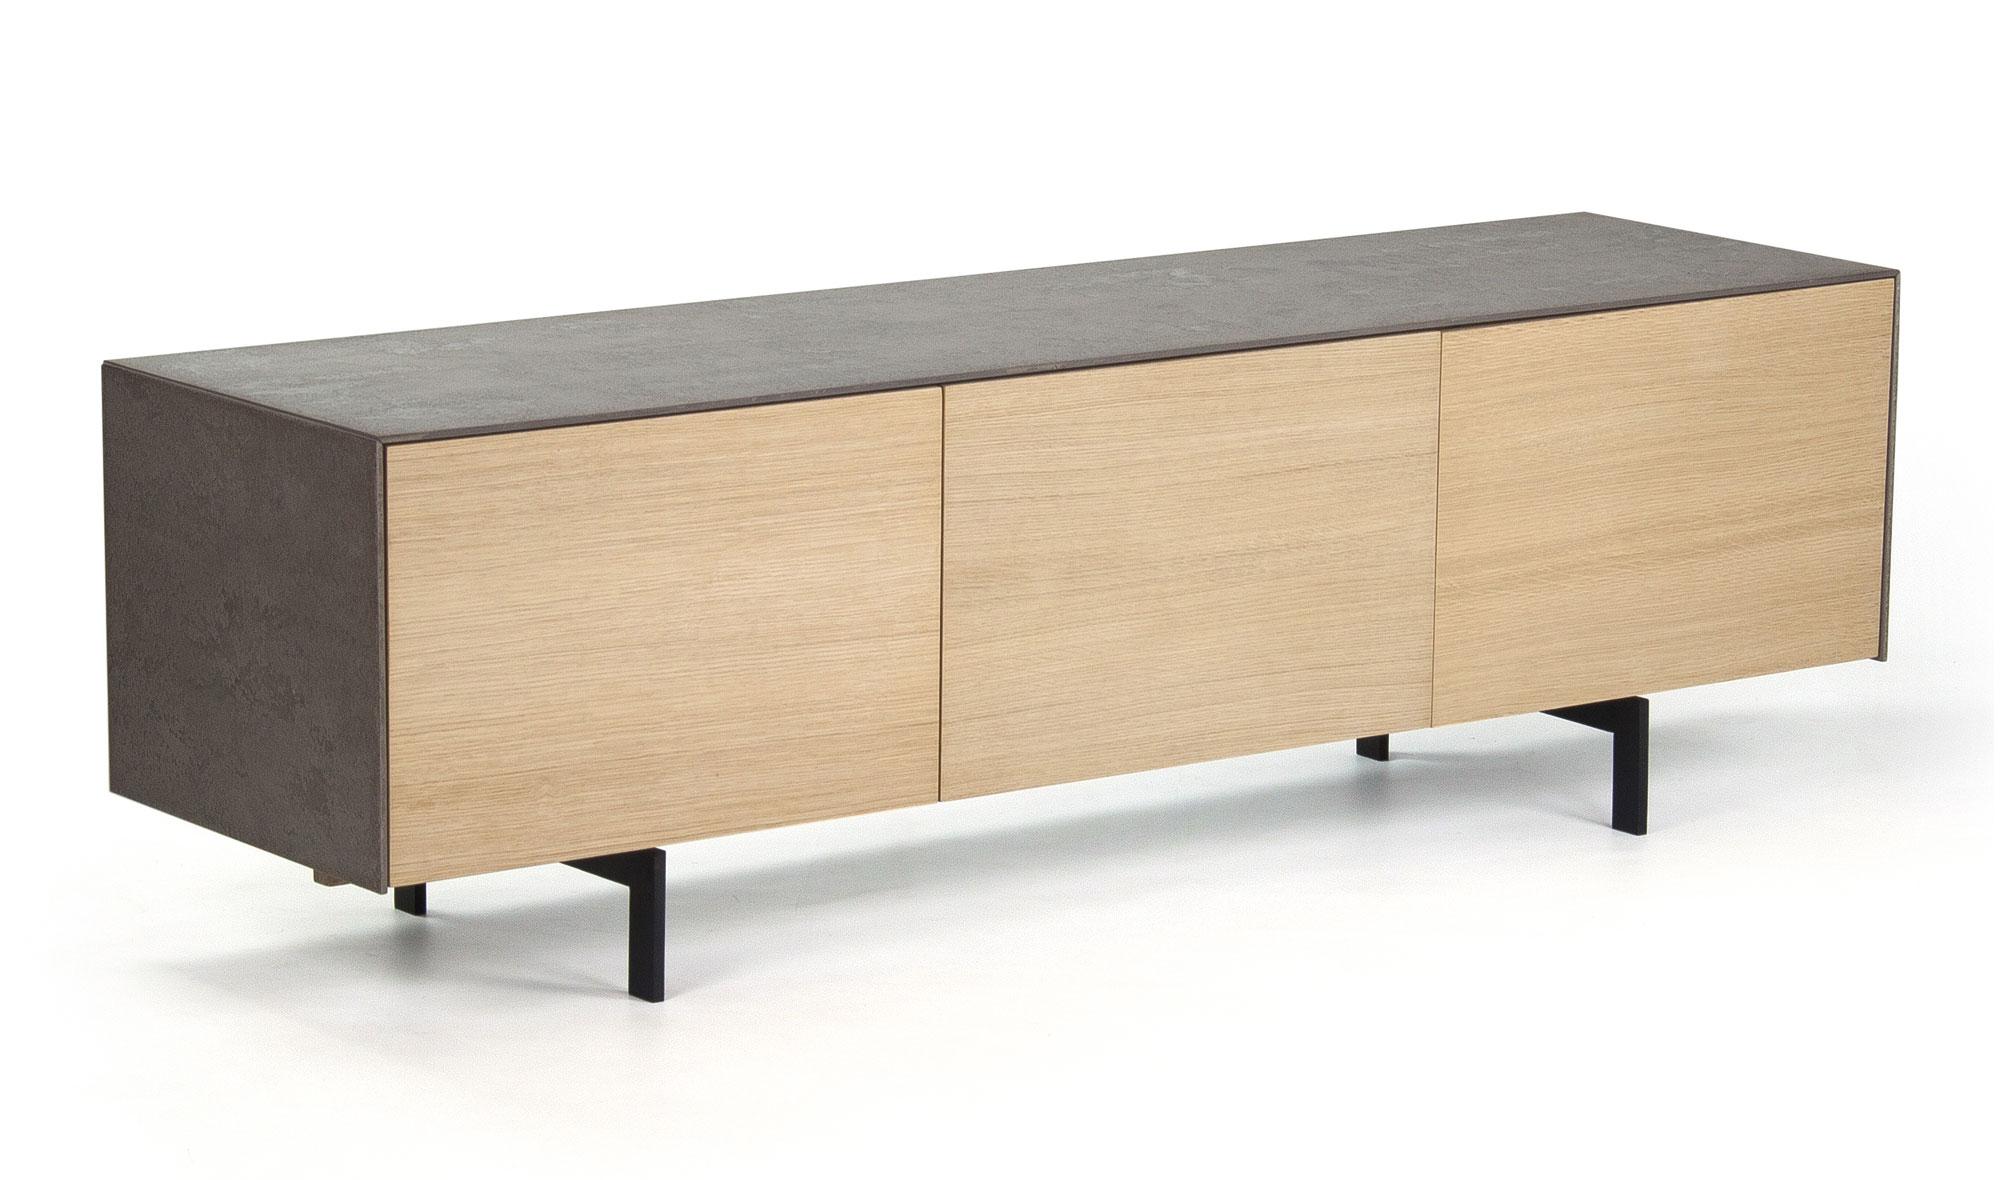 Mueble tv 2 puertas n rdico cemento en for Muebles nordicos